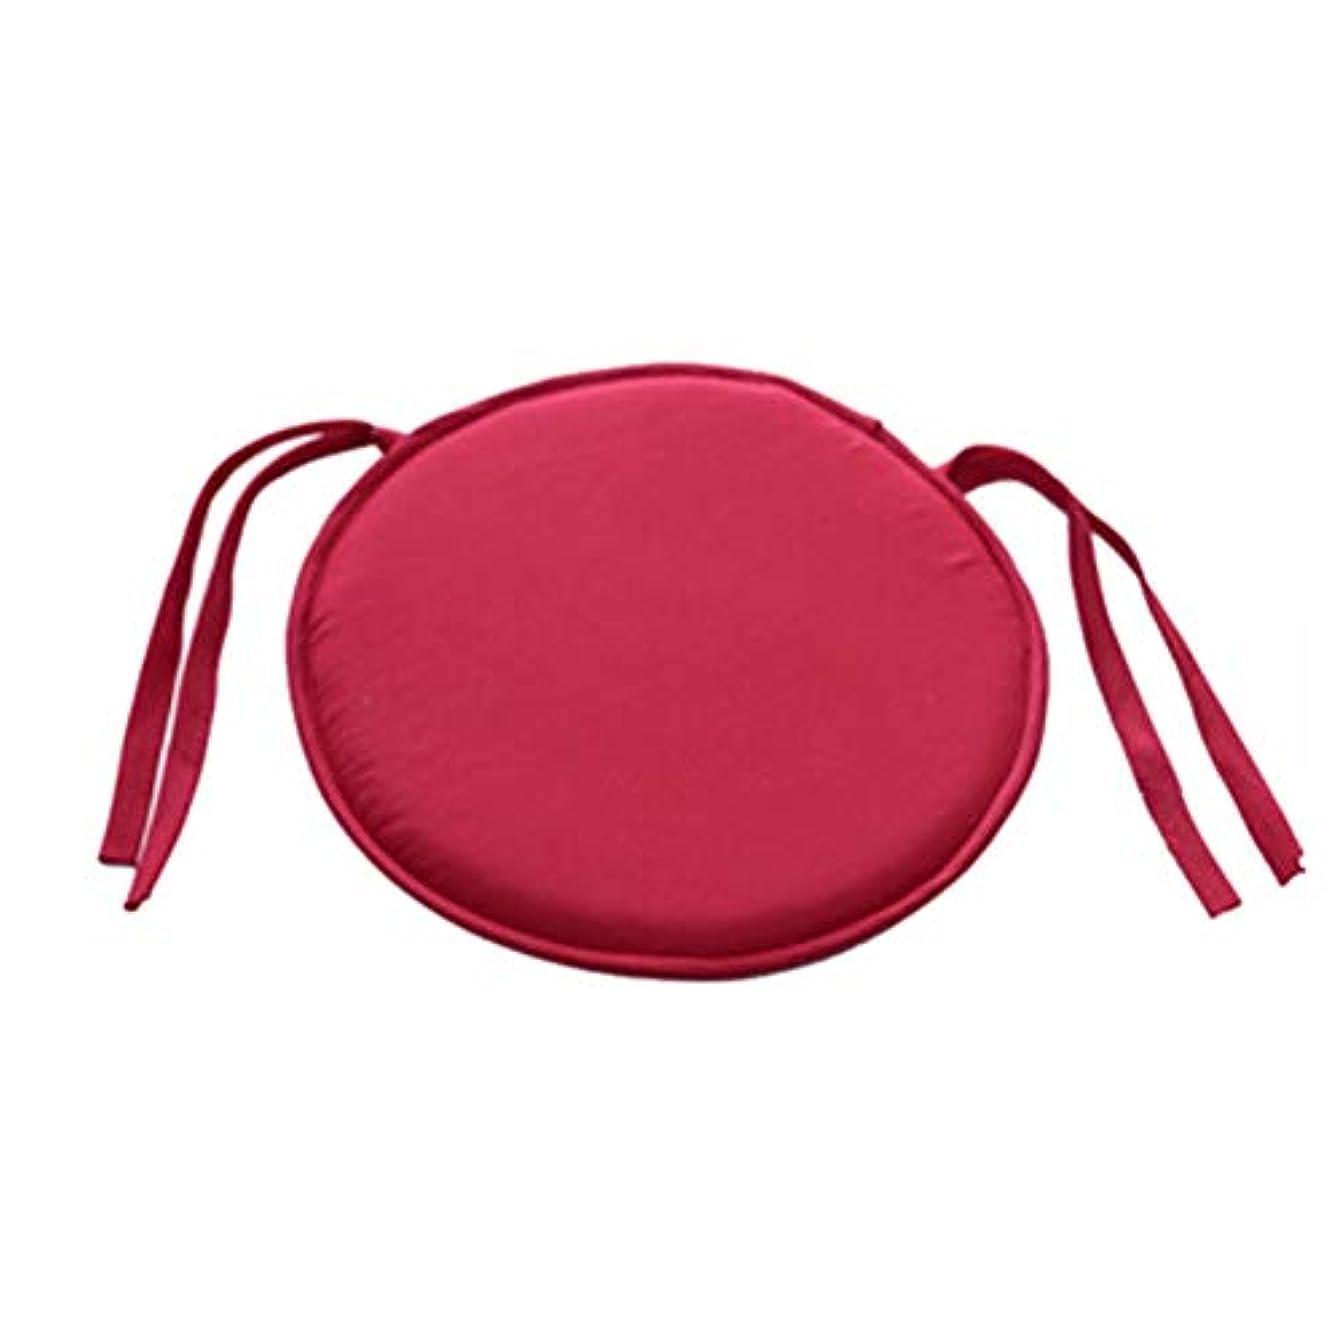 シェーバージョットディボンドン単にSMART ホット販売ラウンドチェアクッション屋内ポップパティオオフィスチェアシートパッドネクタイスクエアガーデンキッチンダイニングクッション クッション 椅子